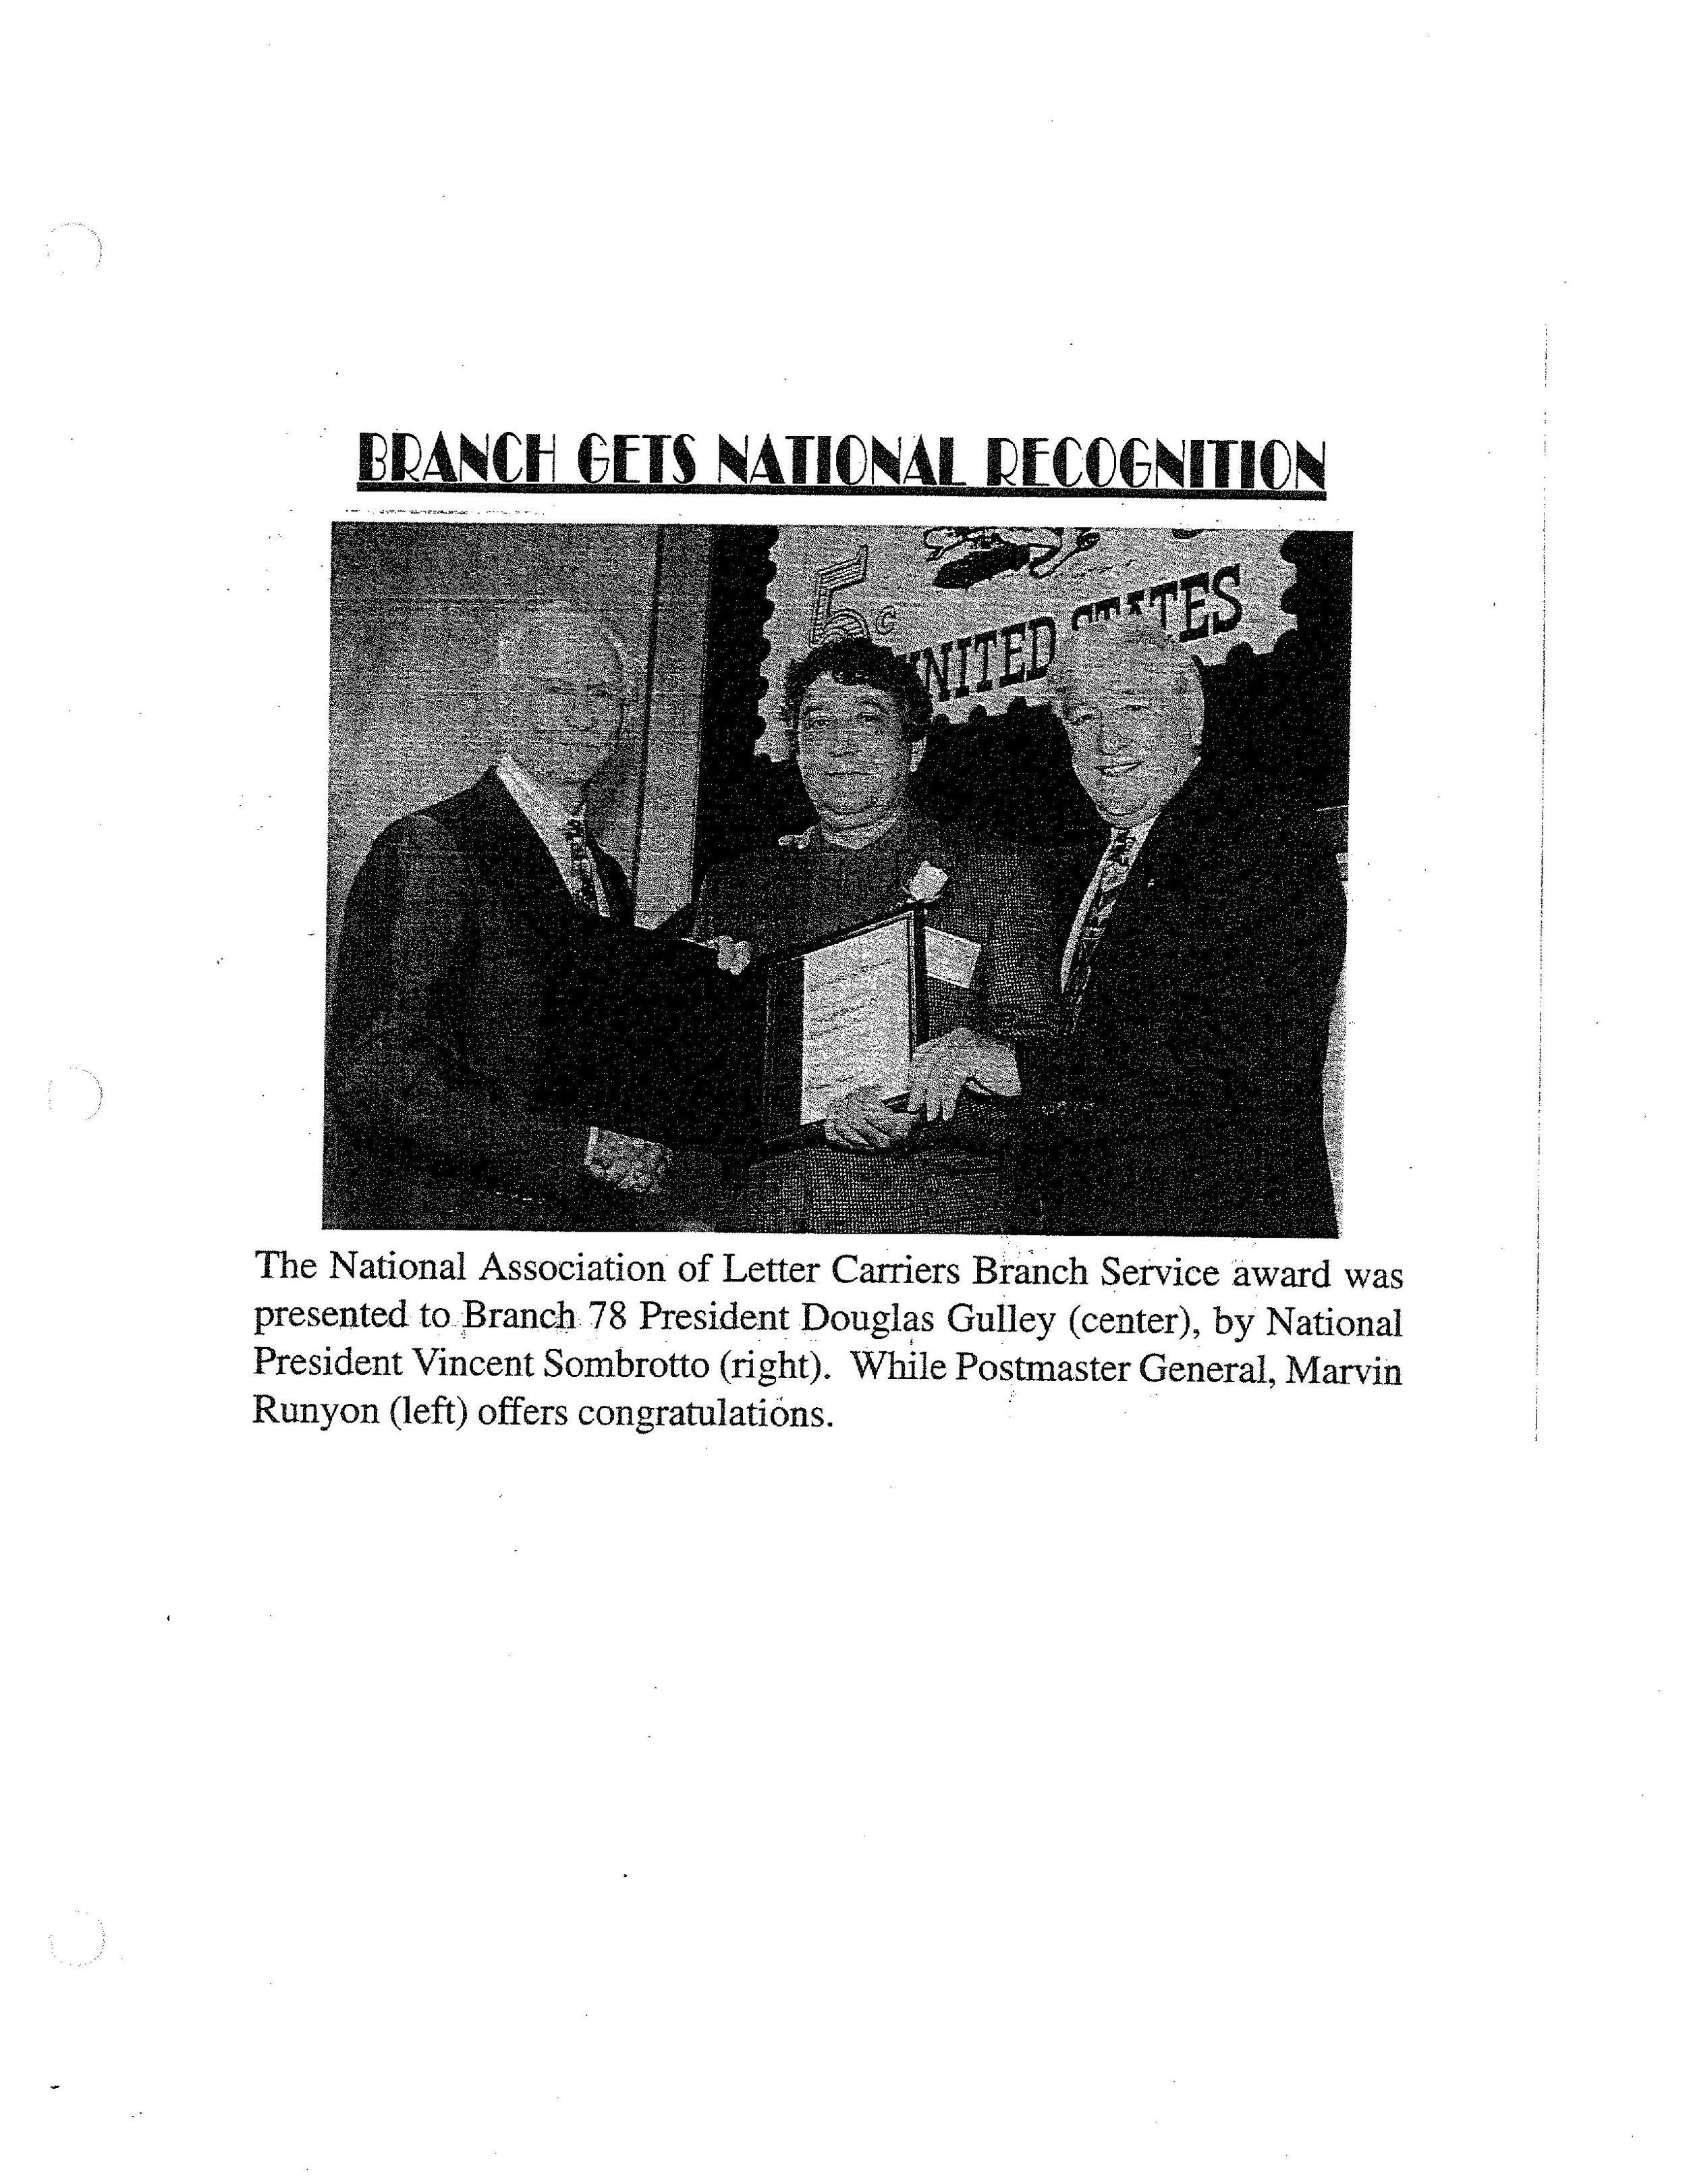 branch 78 history page-0066.jpg